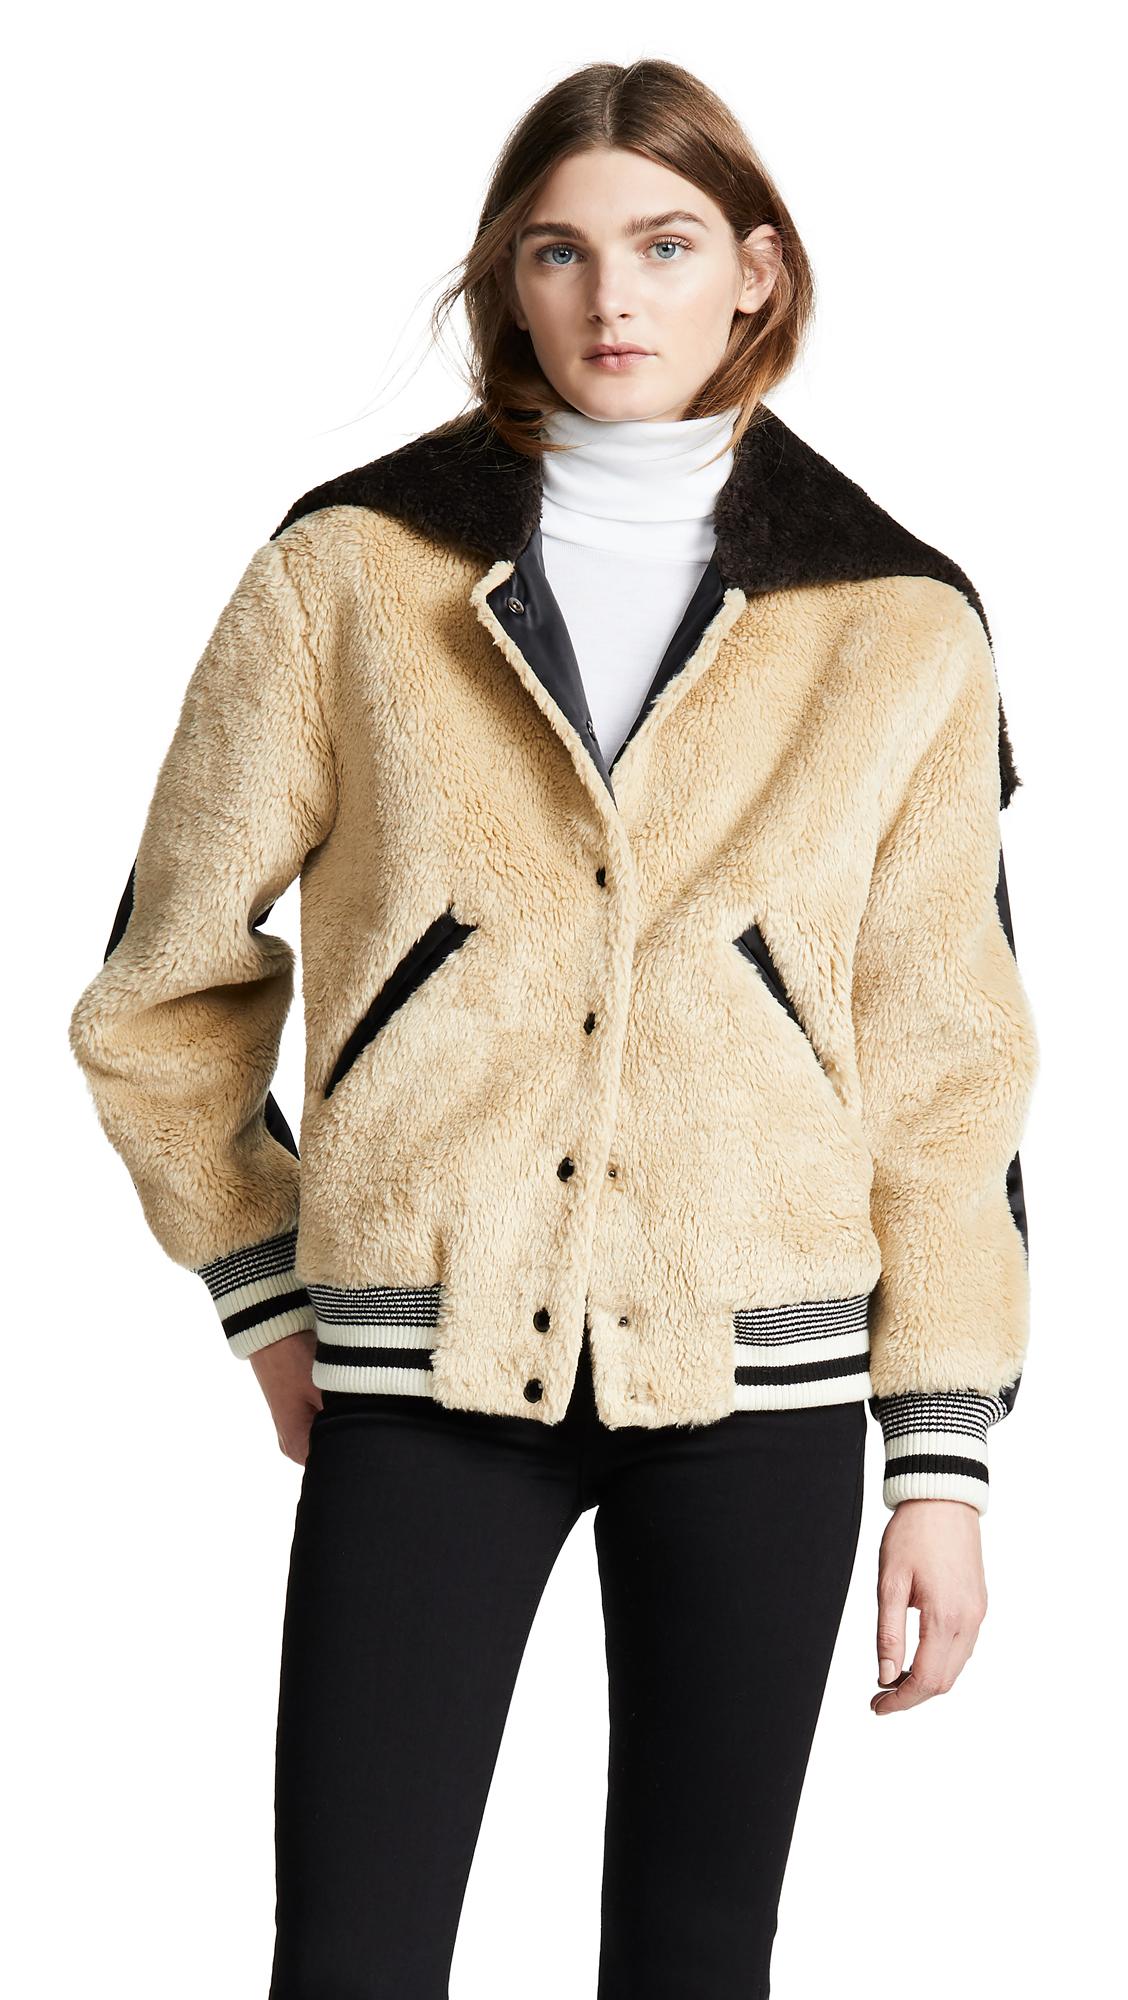 No. 21 Sports Jacket In Beige